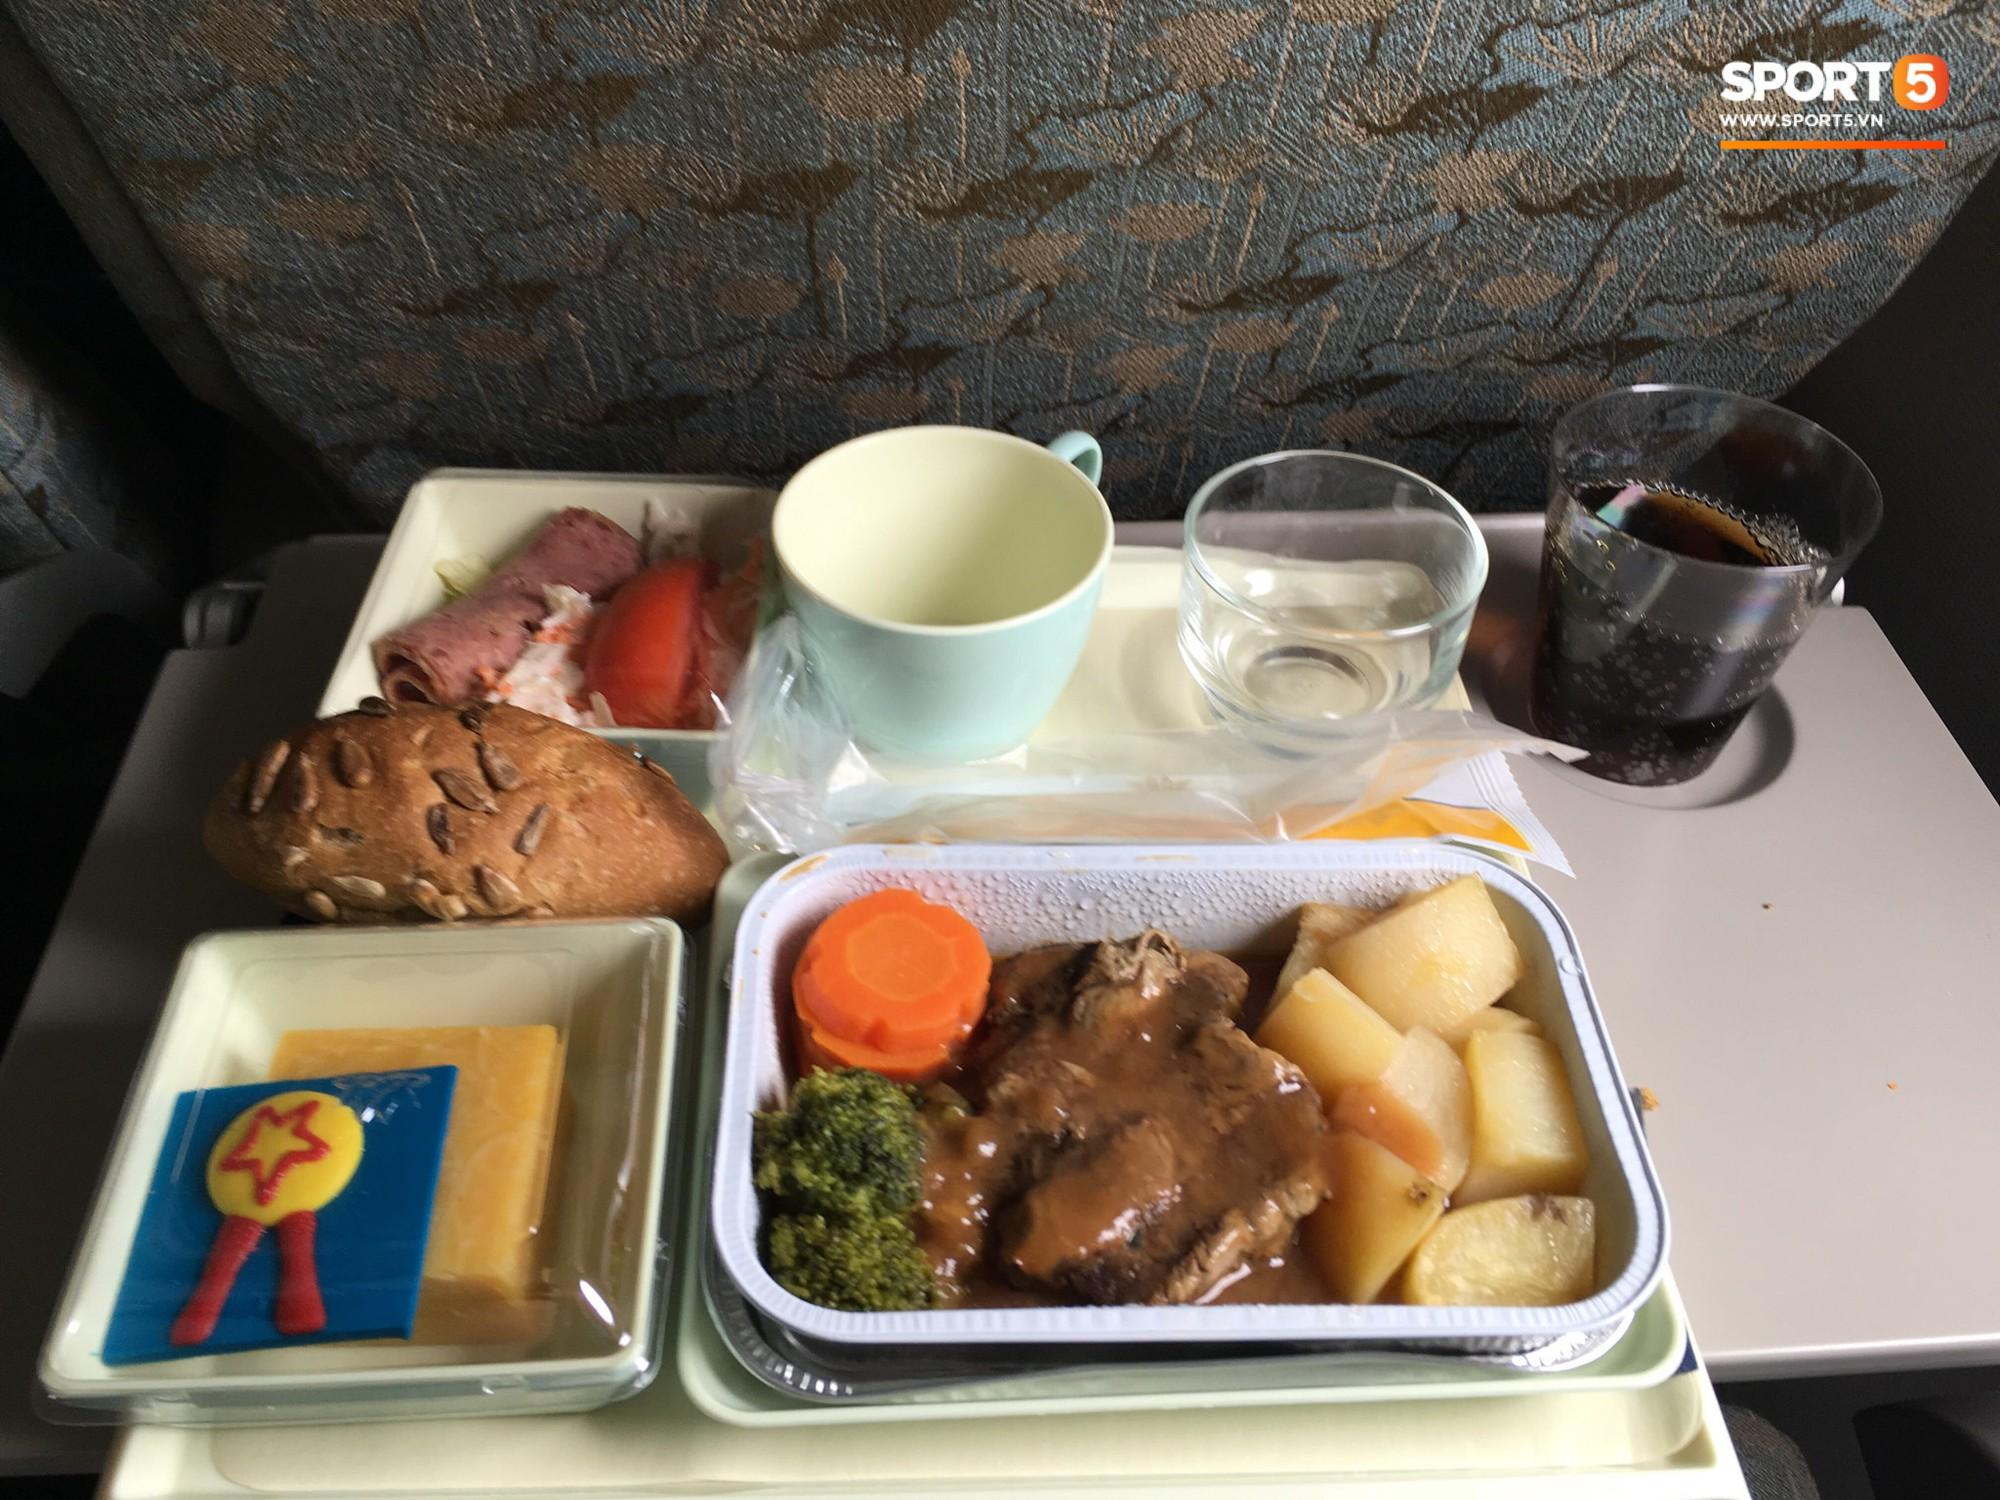 Món ăn khiến đội tuyển Việt Nam bất ngờ trên máy bay từ Philippines về Hà Nội 4